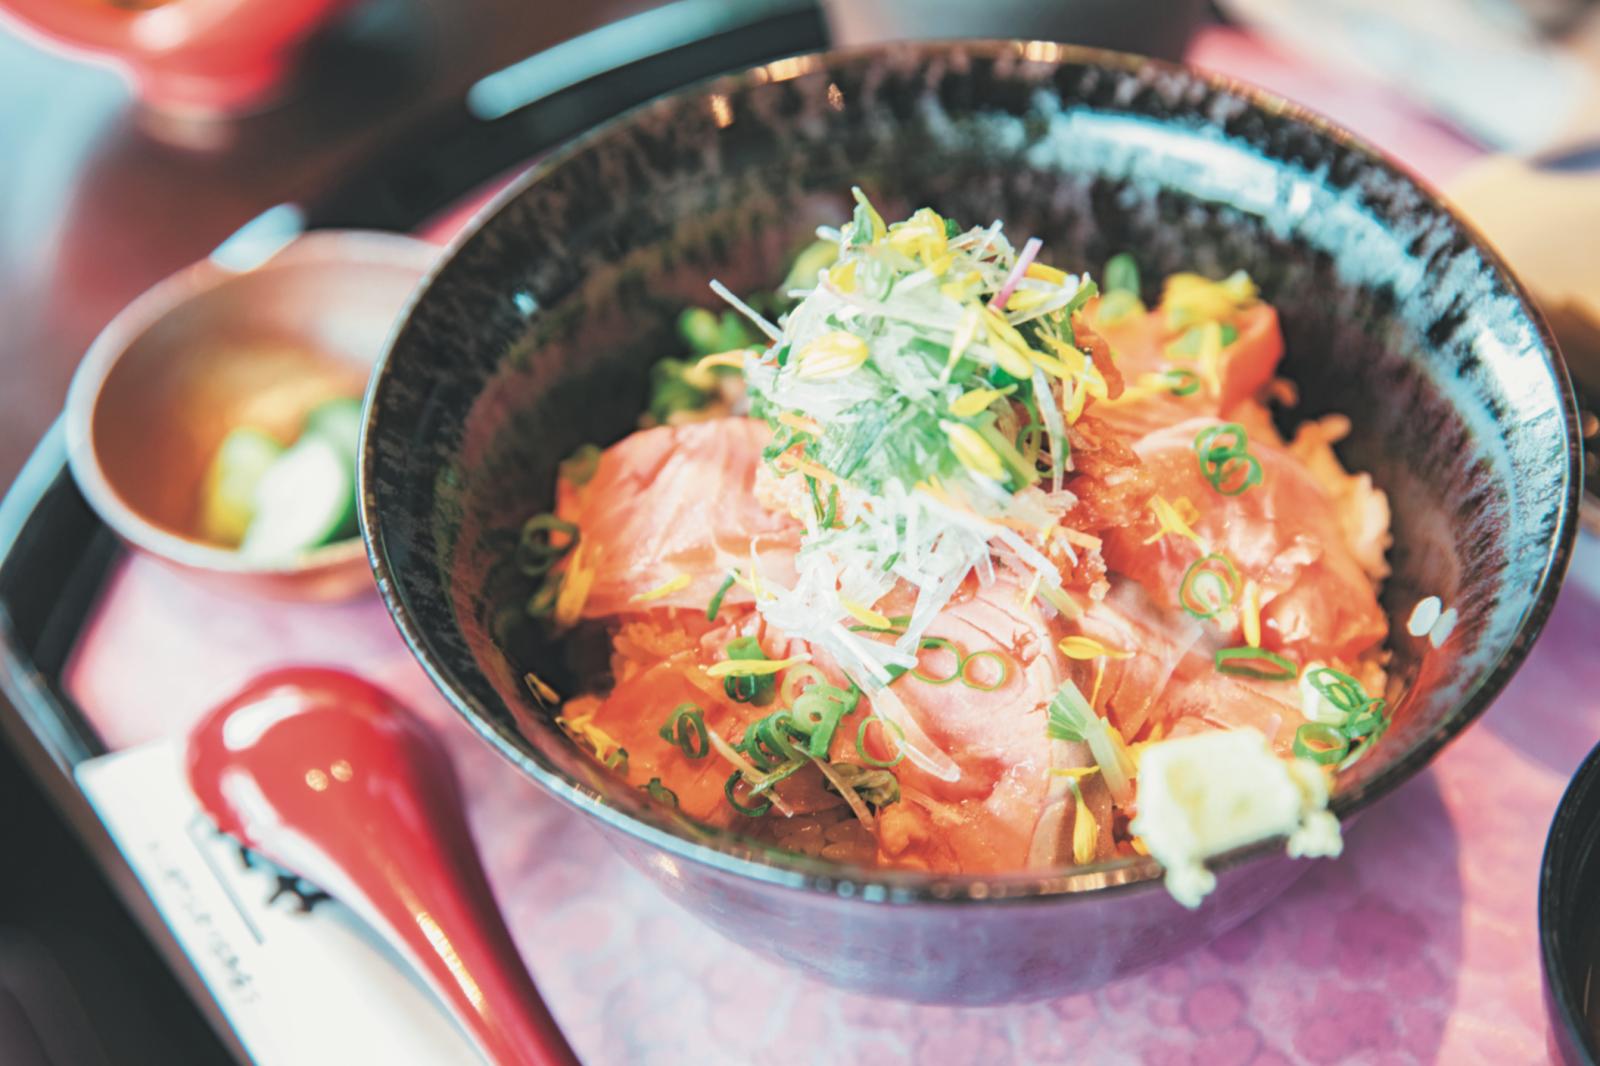 『志のや』の7月までの限定メニュー、銀鮭炙り丼。半分はそのまま、半分はつゆをかけて。うまい! 四季によって変わる「キラキラ丼」も人気。